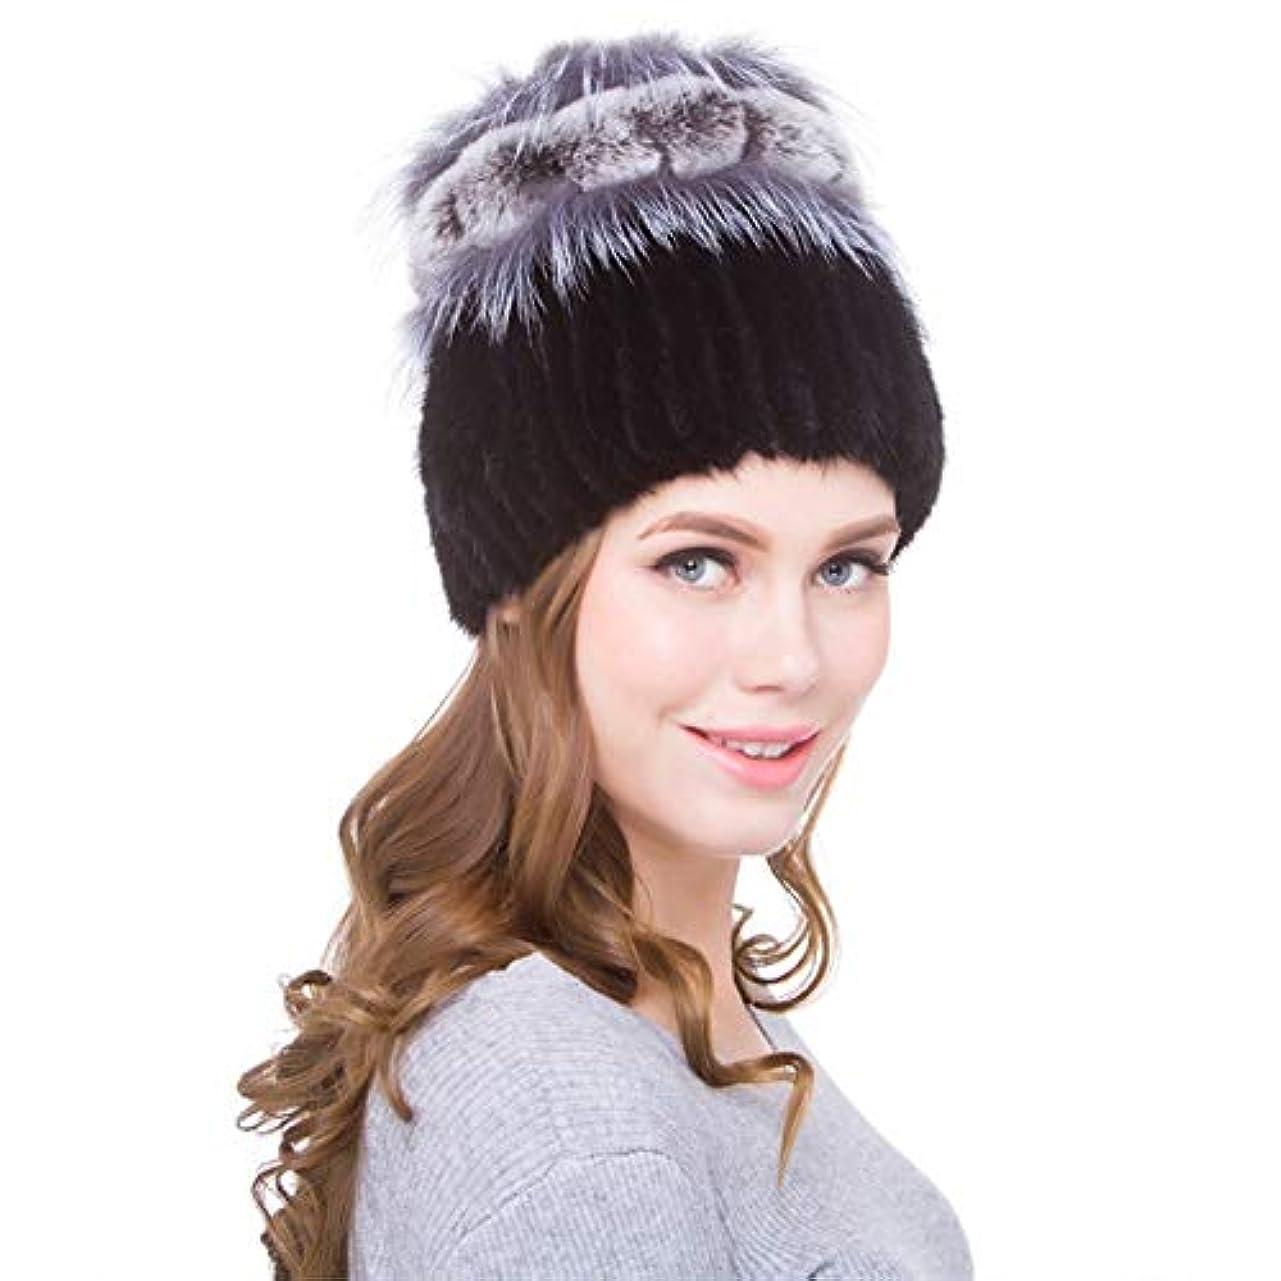 利得架空の証言ACAO さんさんミンク毛ニット革の帽子秋と冬のファッションのキツネの毛皮のウサギの毛皮の帽子の飾り (色 : ブラック, Size : S)